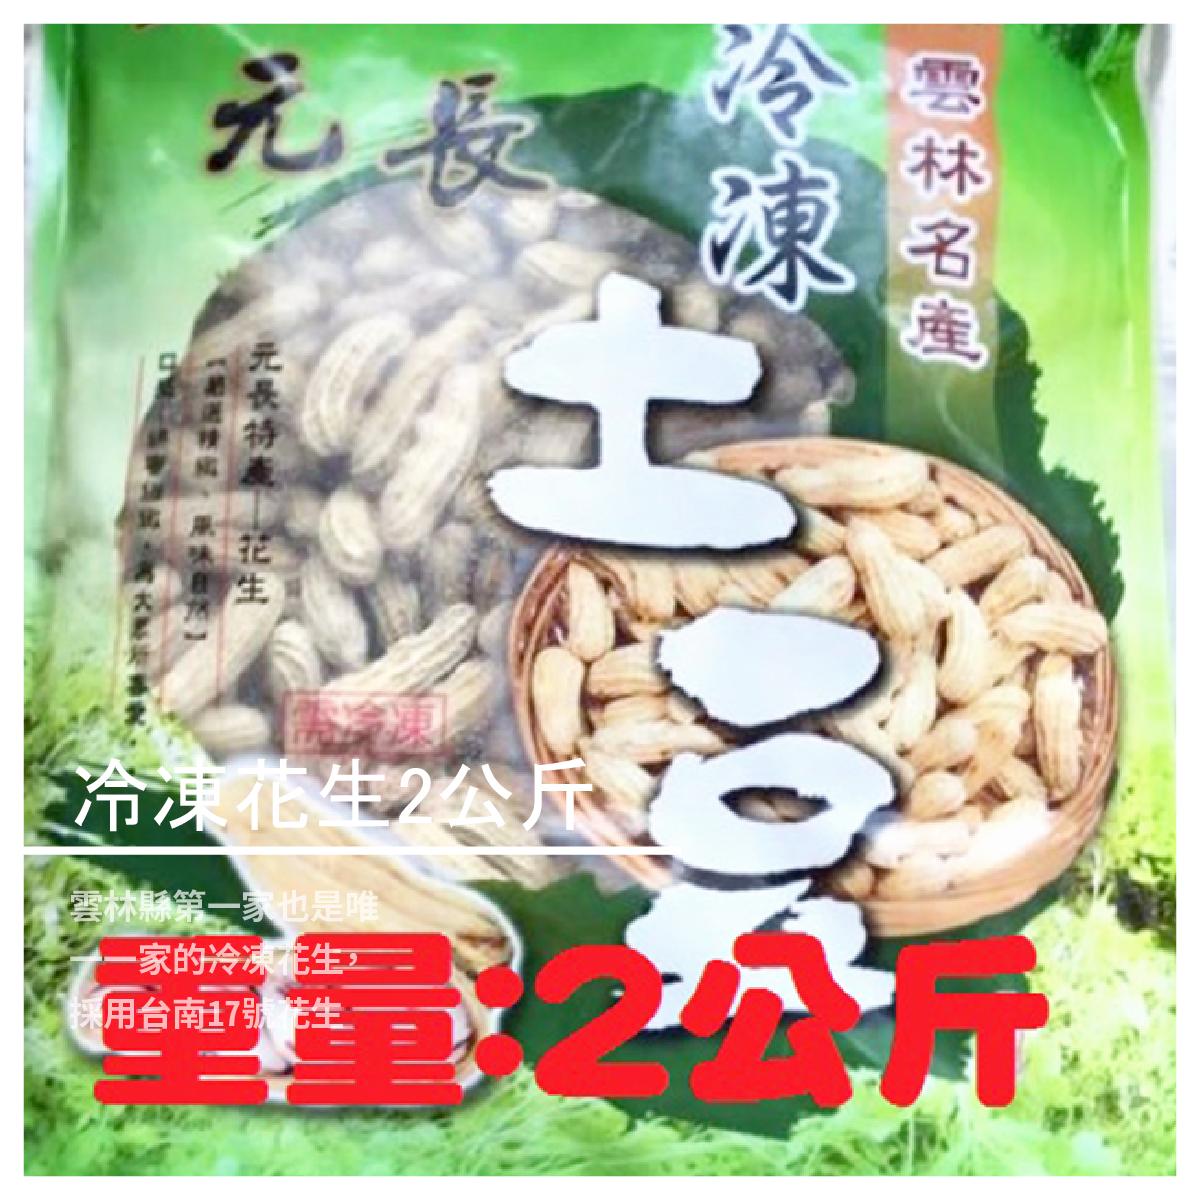 【敏捷冷凍土豆】冷凍花生/2公斤(冷凍土豆)/雲林名產/伴手禮